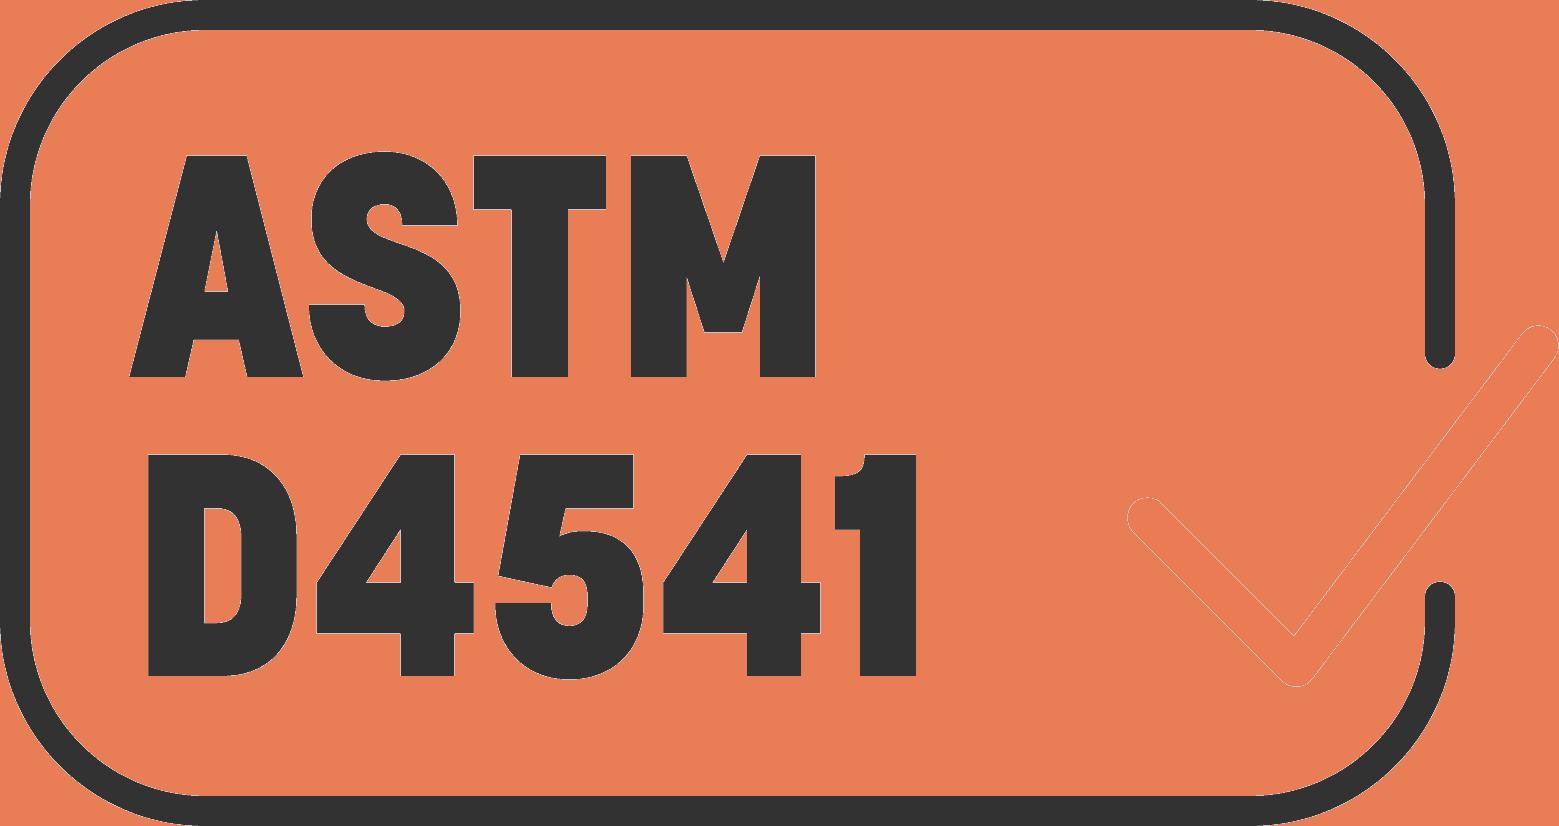 ASTM-D4541